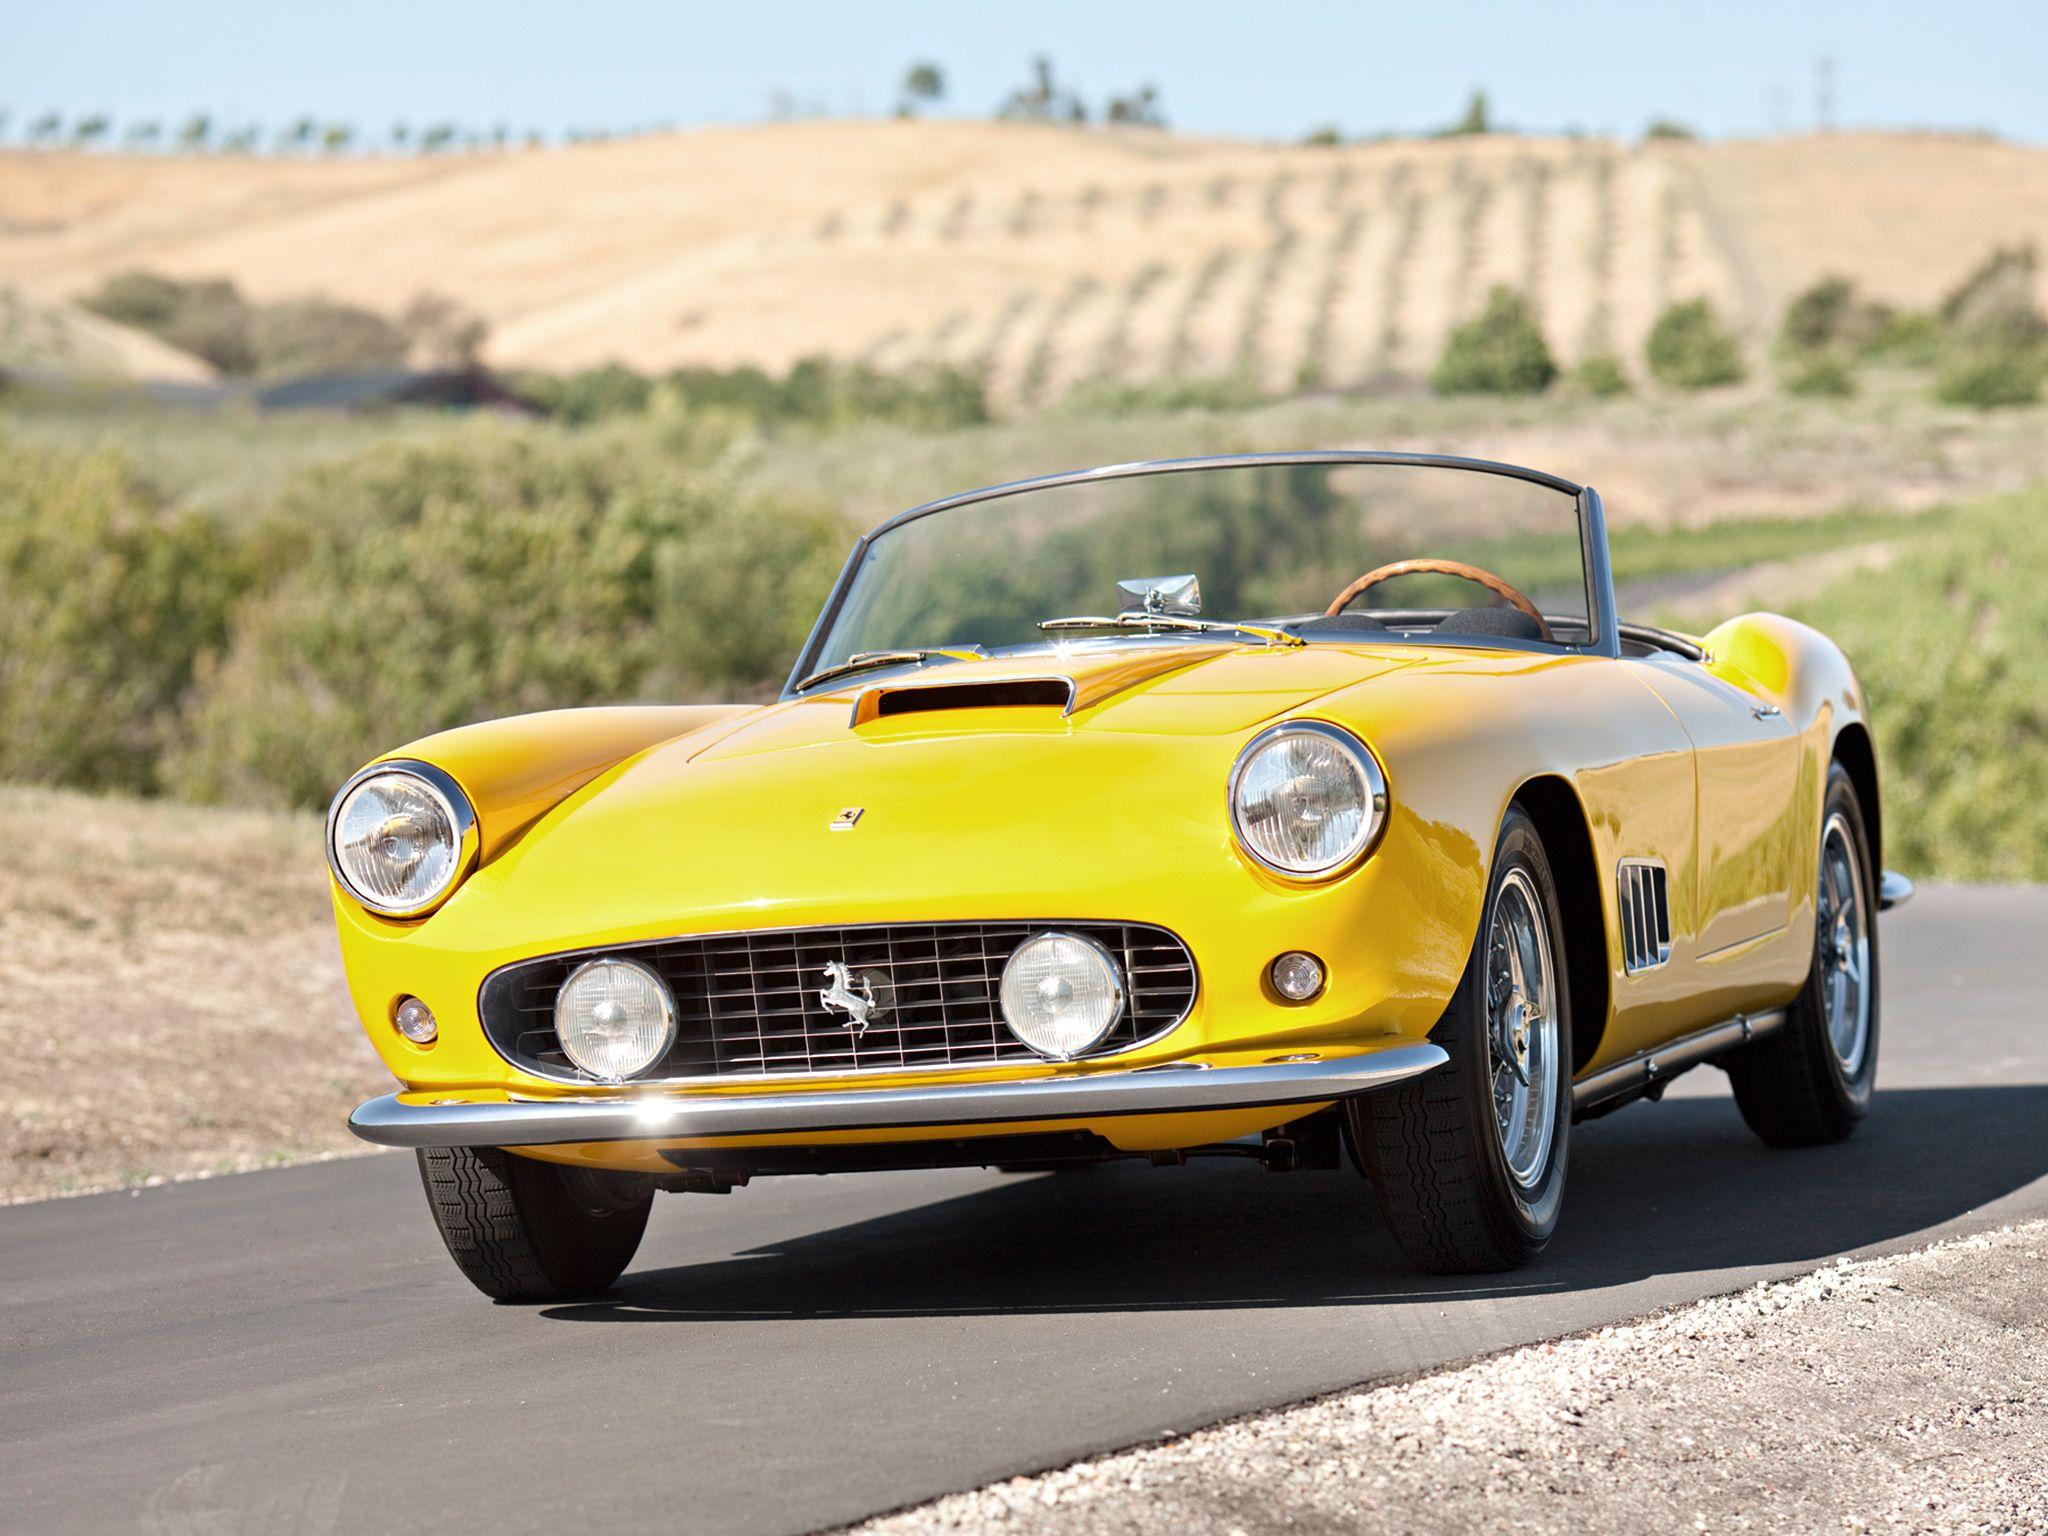 Cars colored yellow - Ferrari 250 Gt Swb California Spyder Open Headlights 1960 63 Fly Yellow The Perfect Color Carrozzeria Superleggera Della Dolce Vita Pinterest